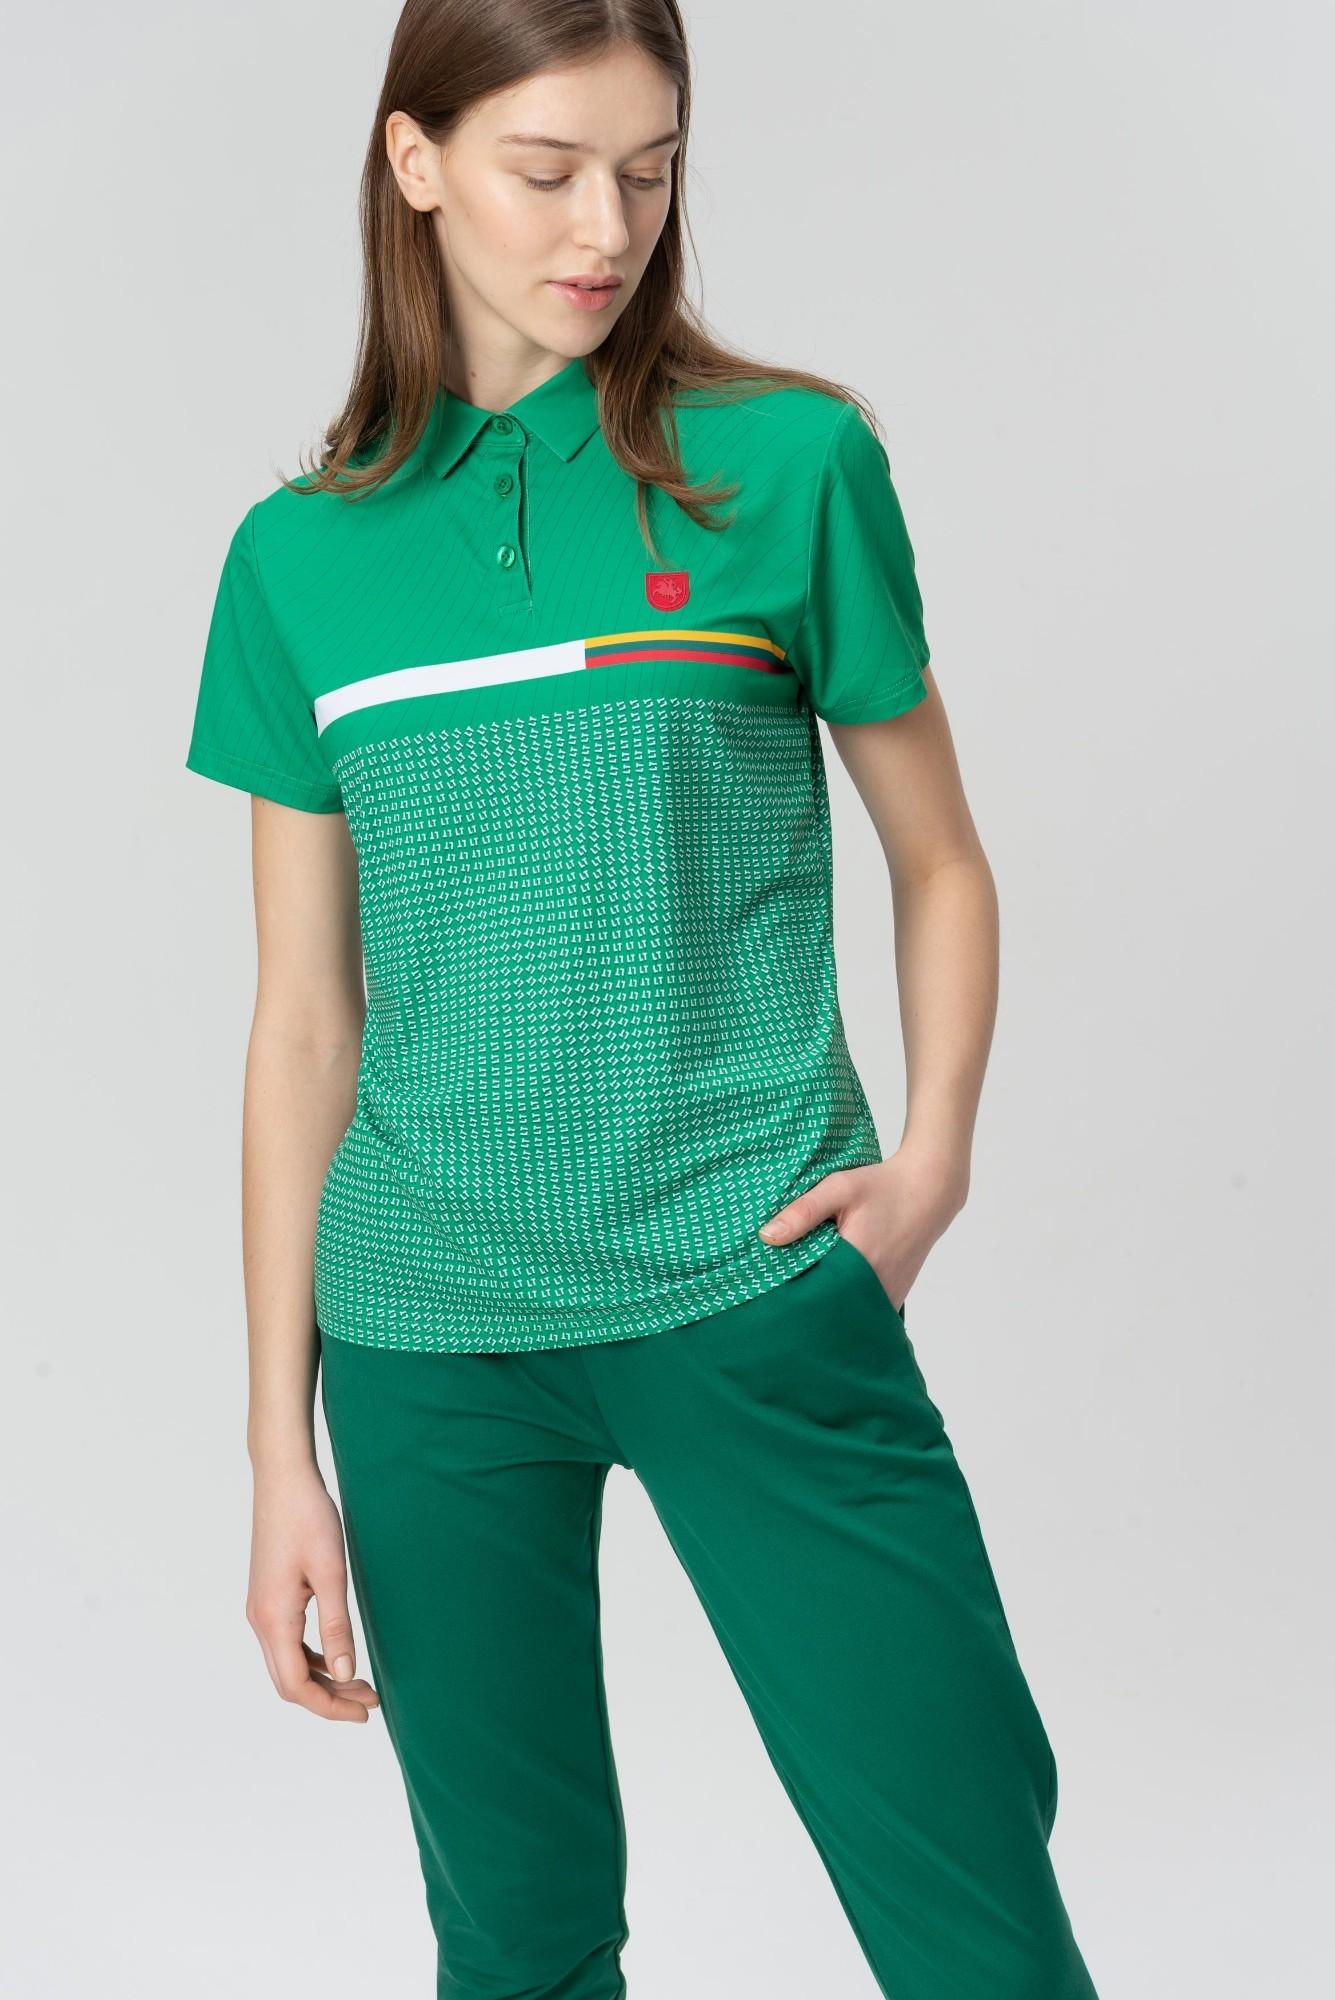 AUDIMAS Funkcionalūs polo marškinėliai 20LT-002 Jolly Green Printed L